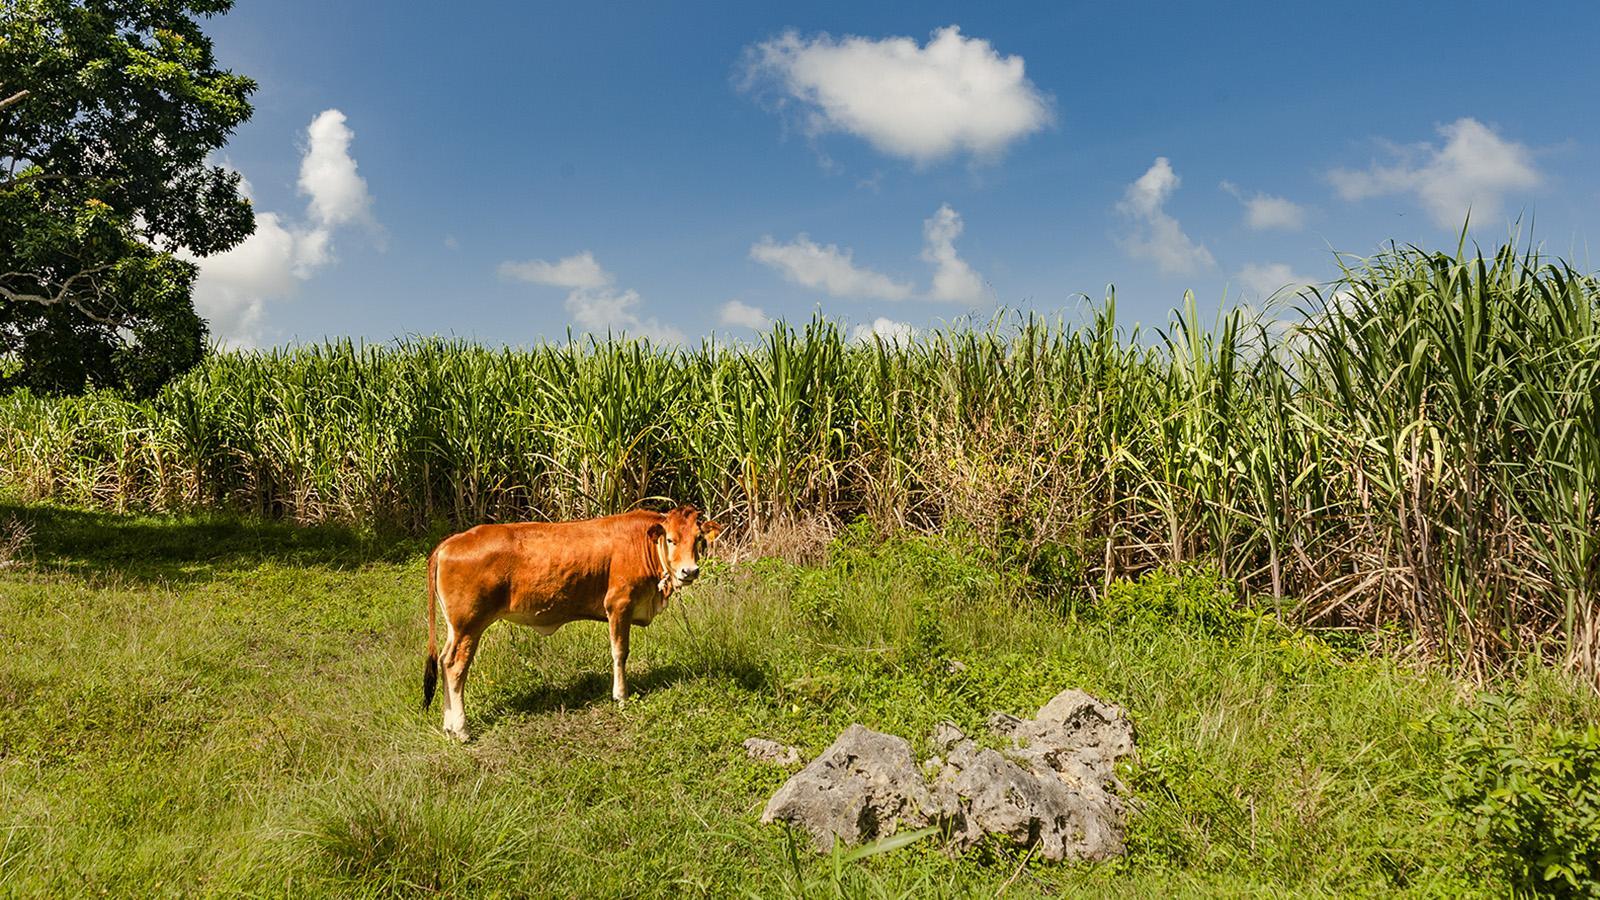 Marie-Galante: Rohr und Rind - die typische Kombi am Feld. Foto: Hilke Maunder